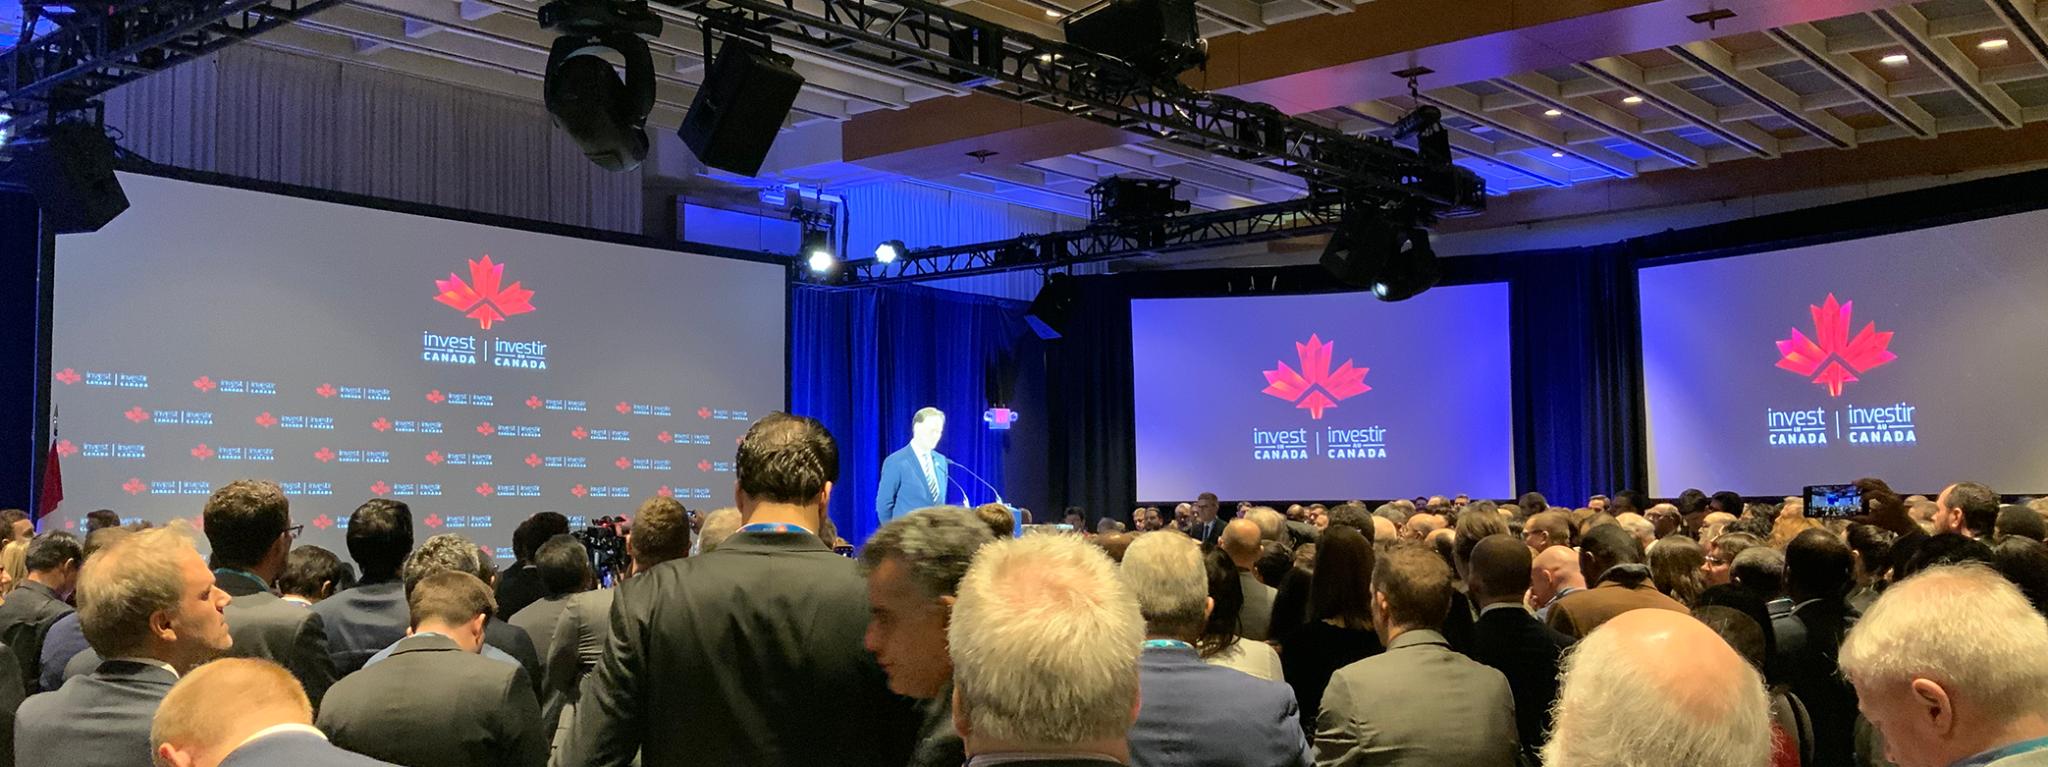 PDAC Invest In Canada